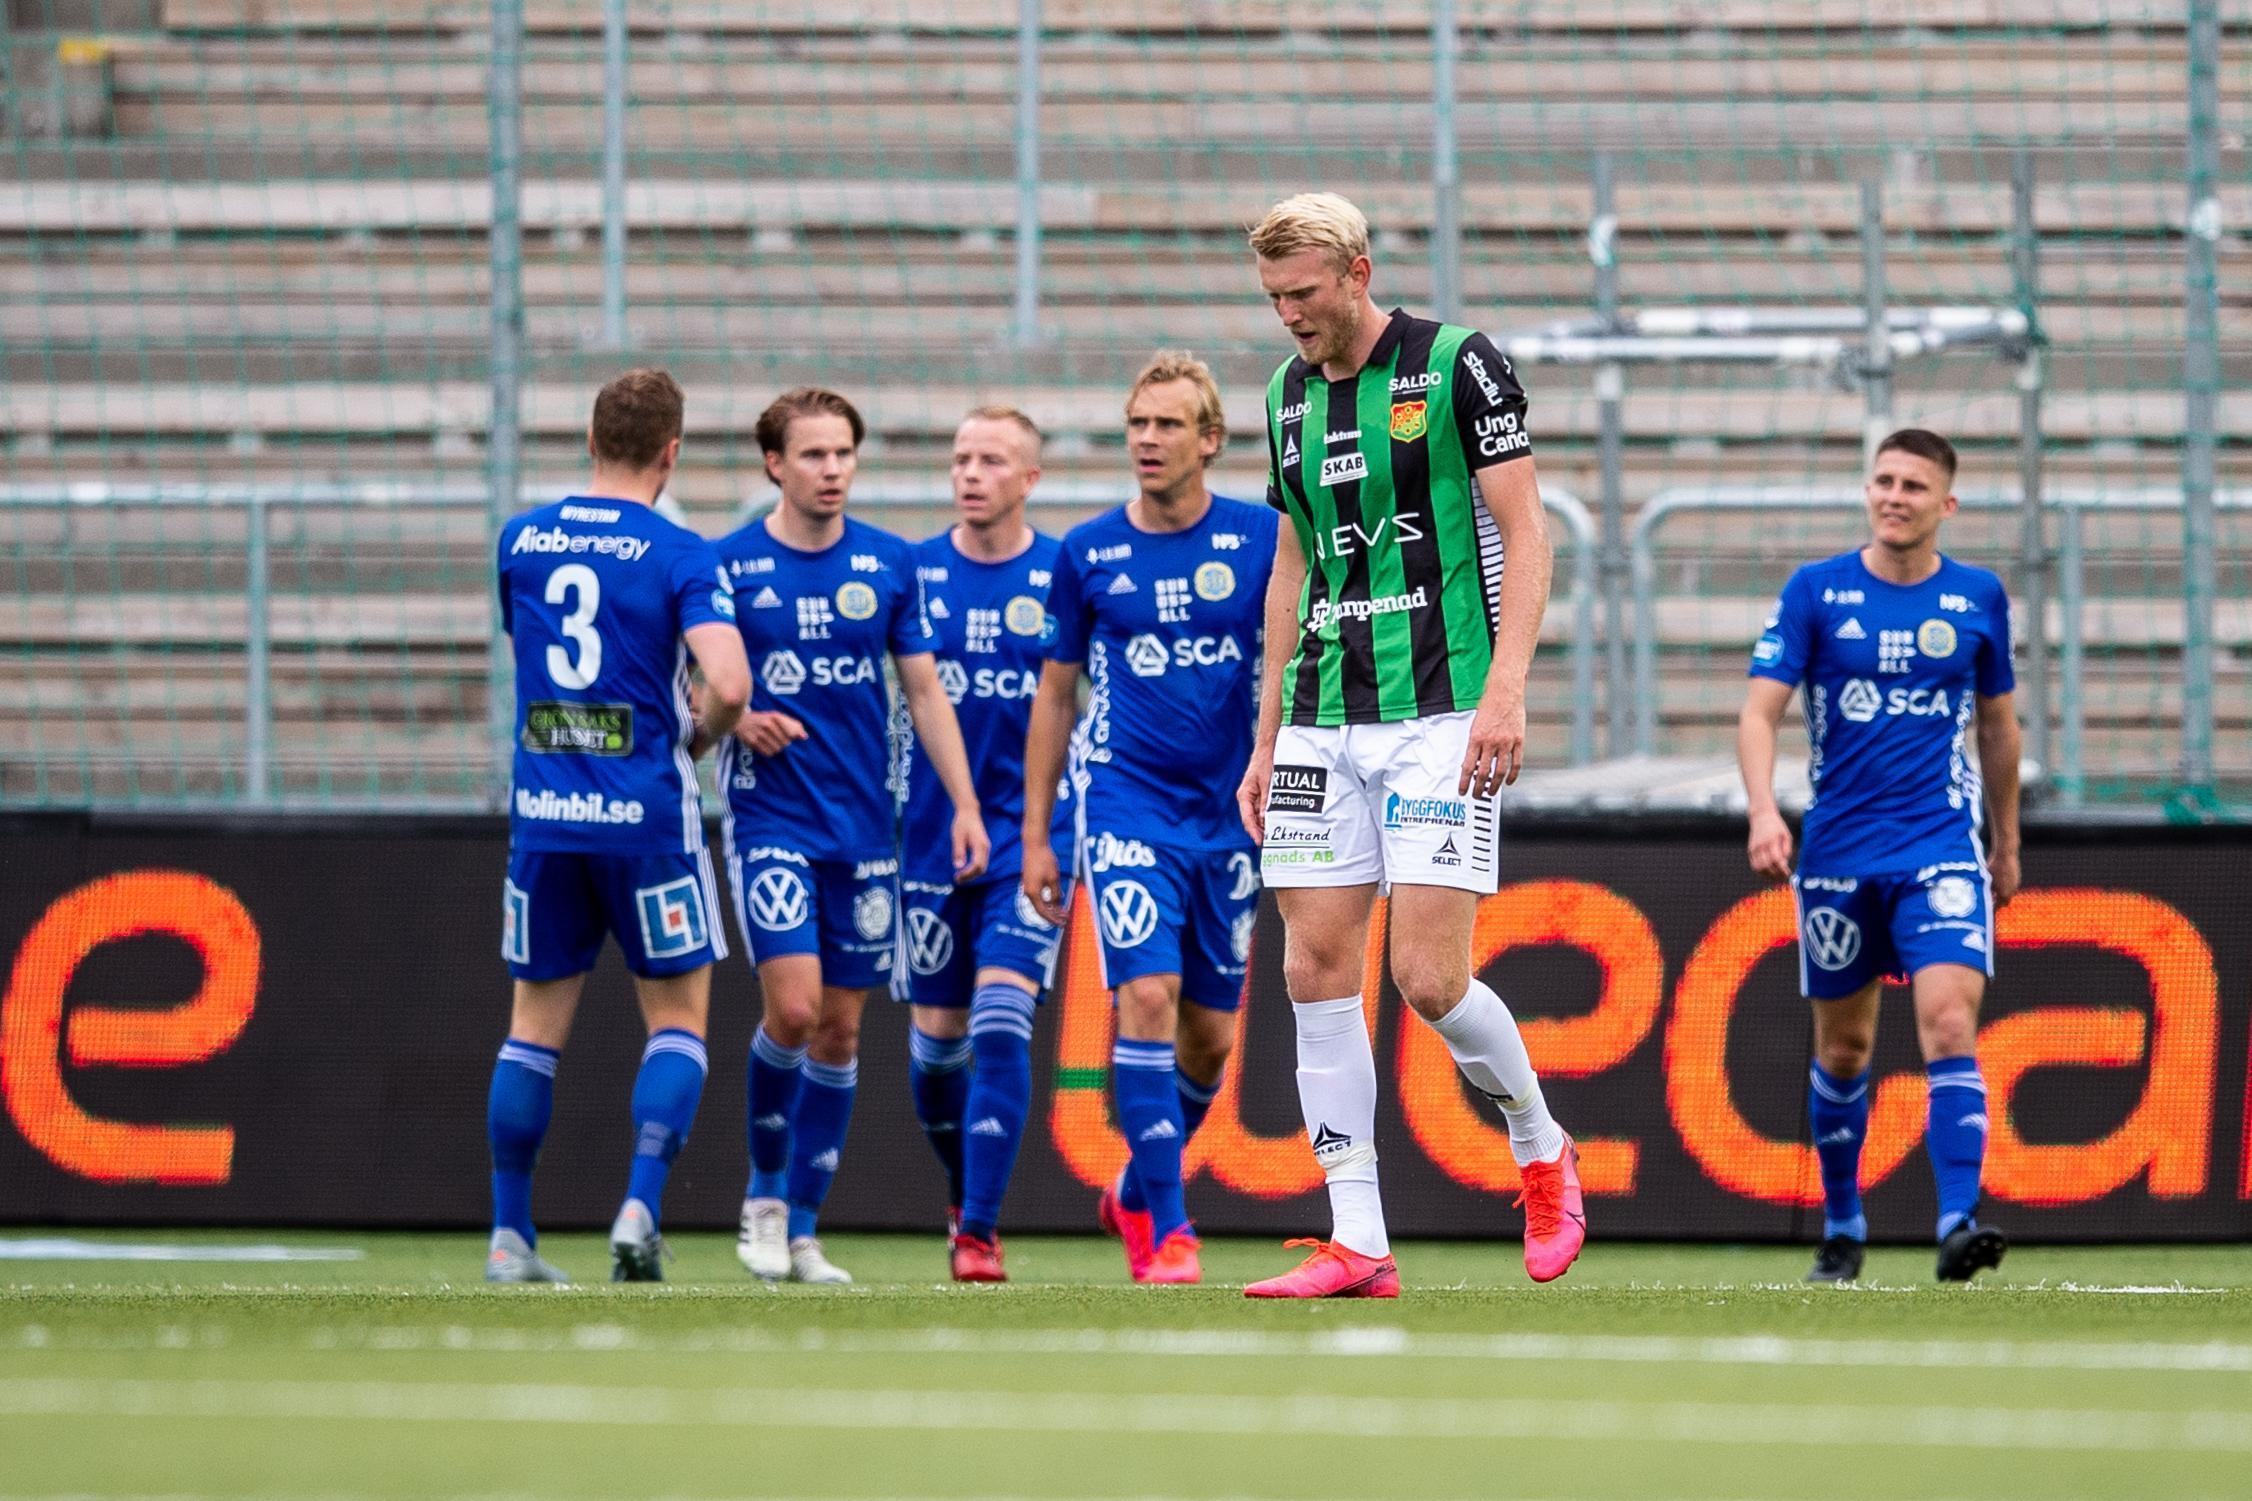 Gais utspelat – tung 3-0 förlust mot GIF Sundsvall